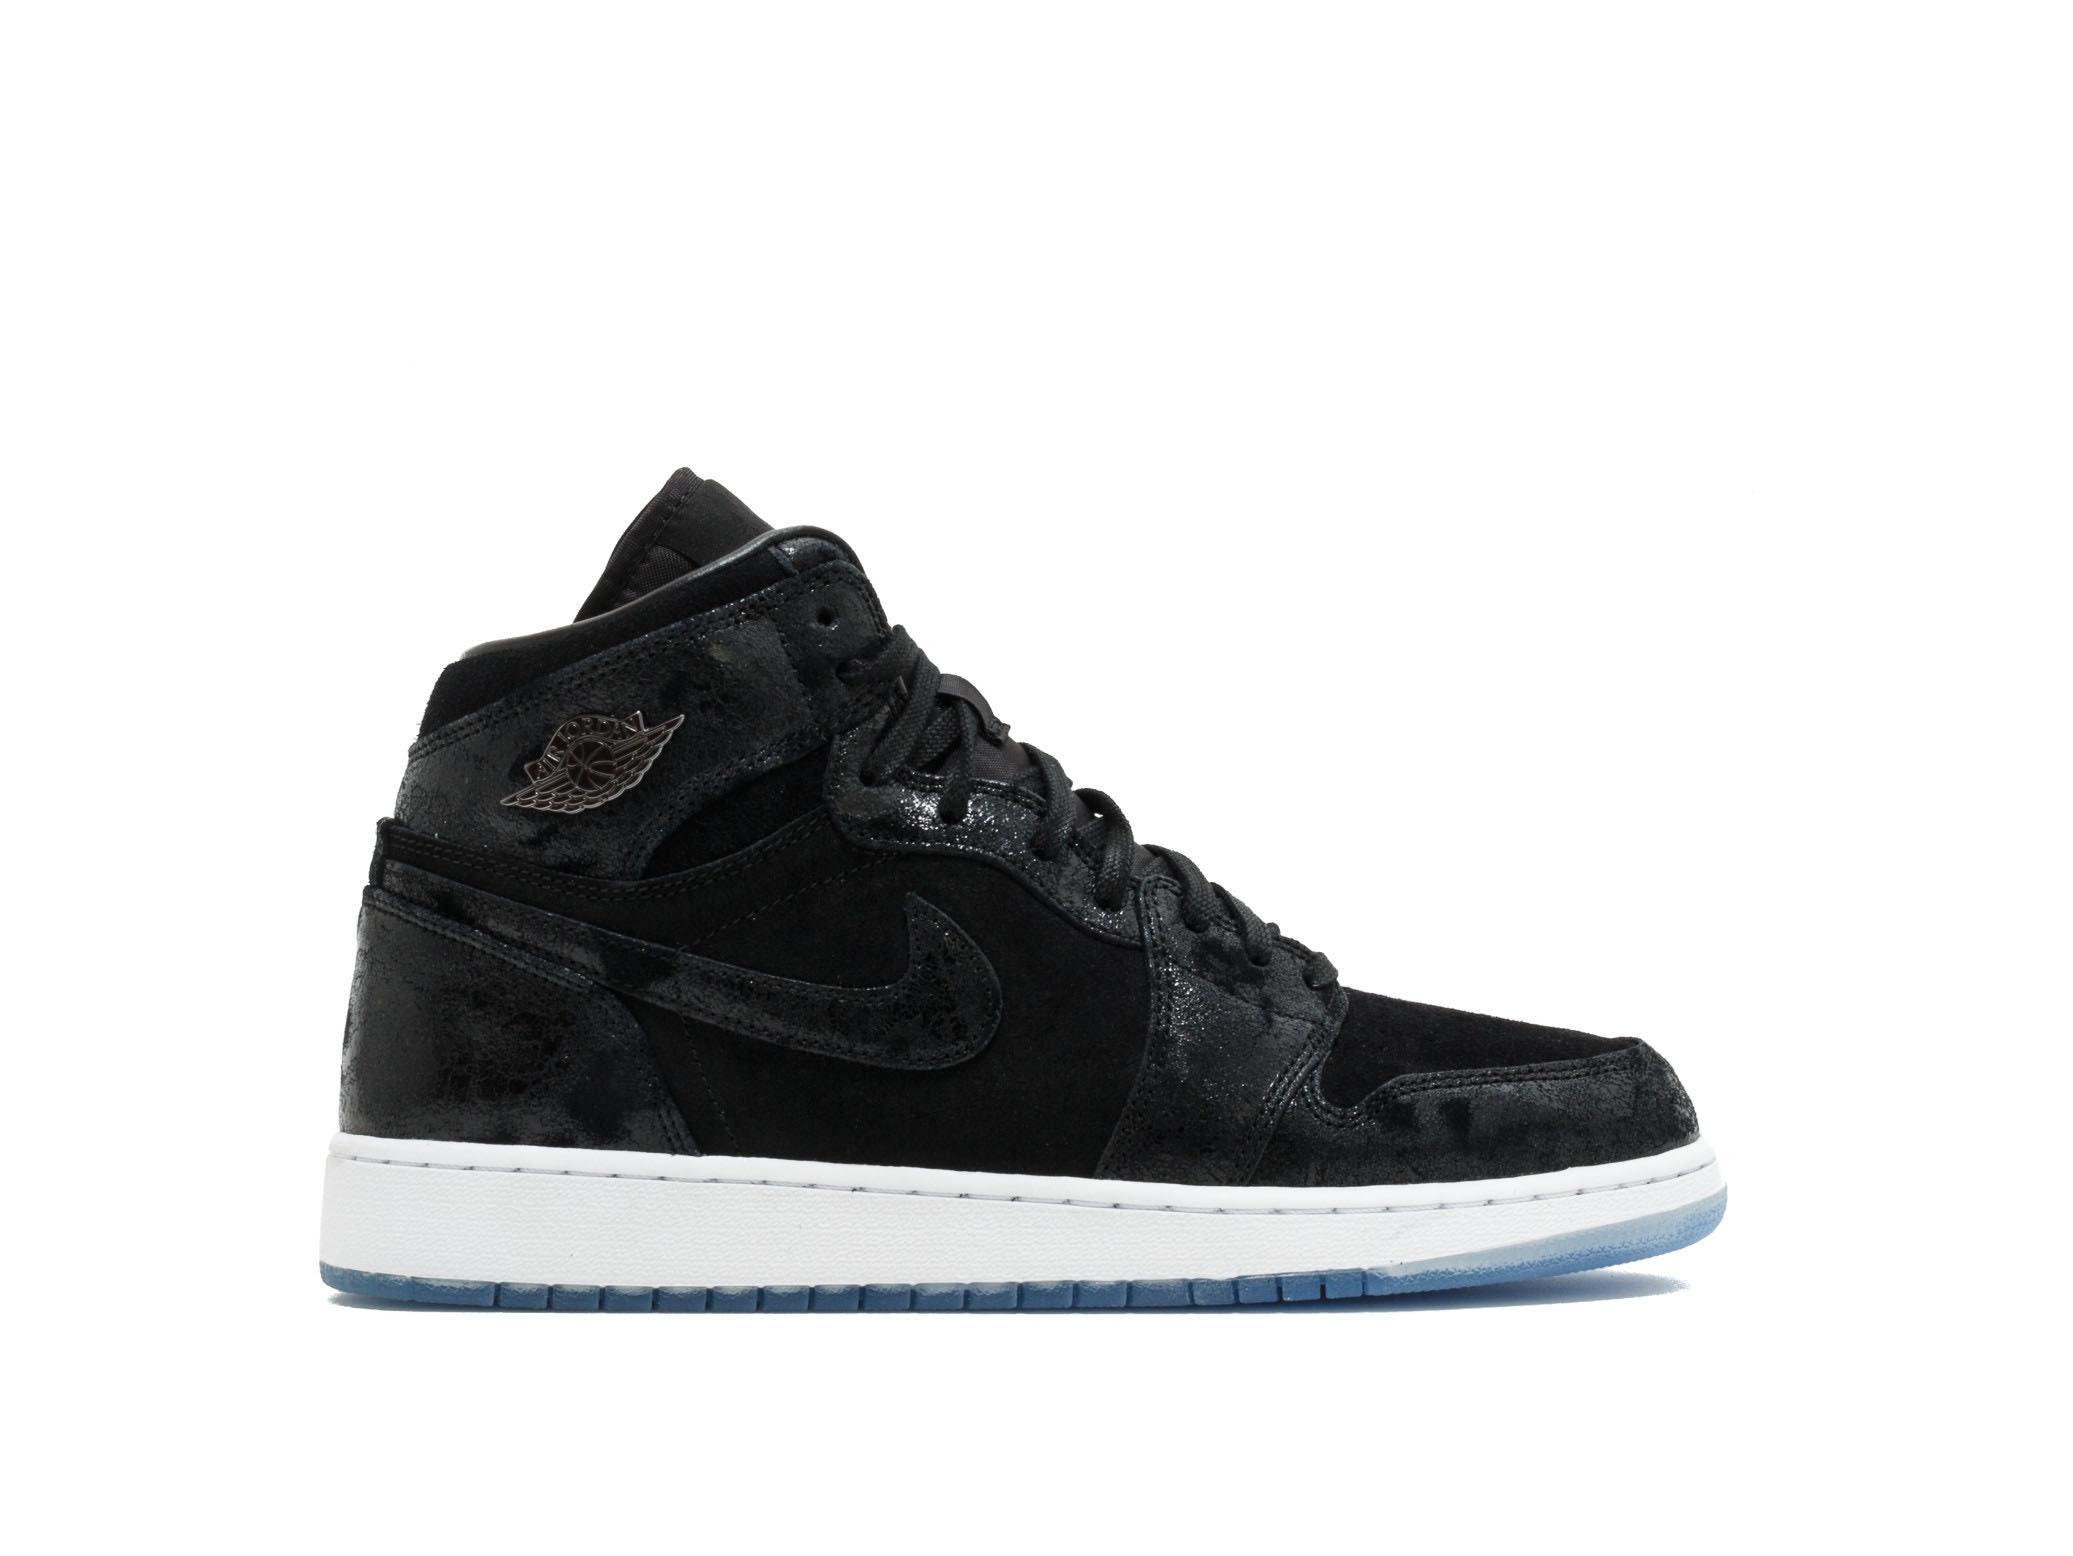 9a99eb09b1145b Shop Air Jordan 1 Retro High GG Heiress Online